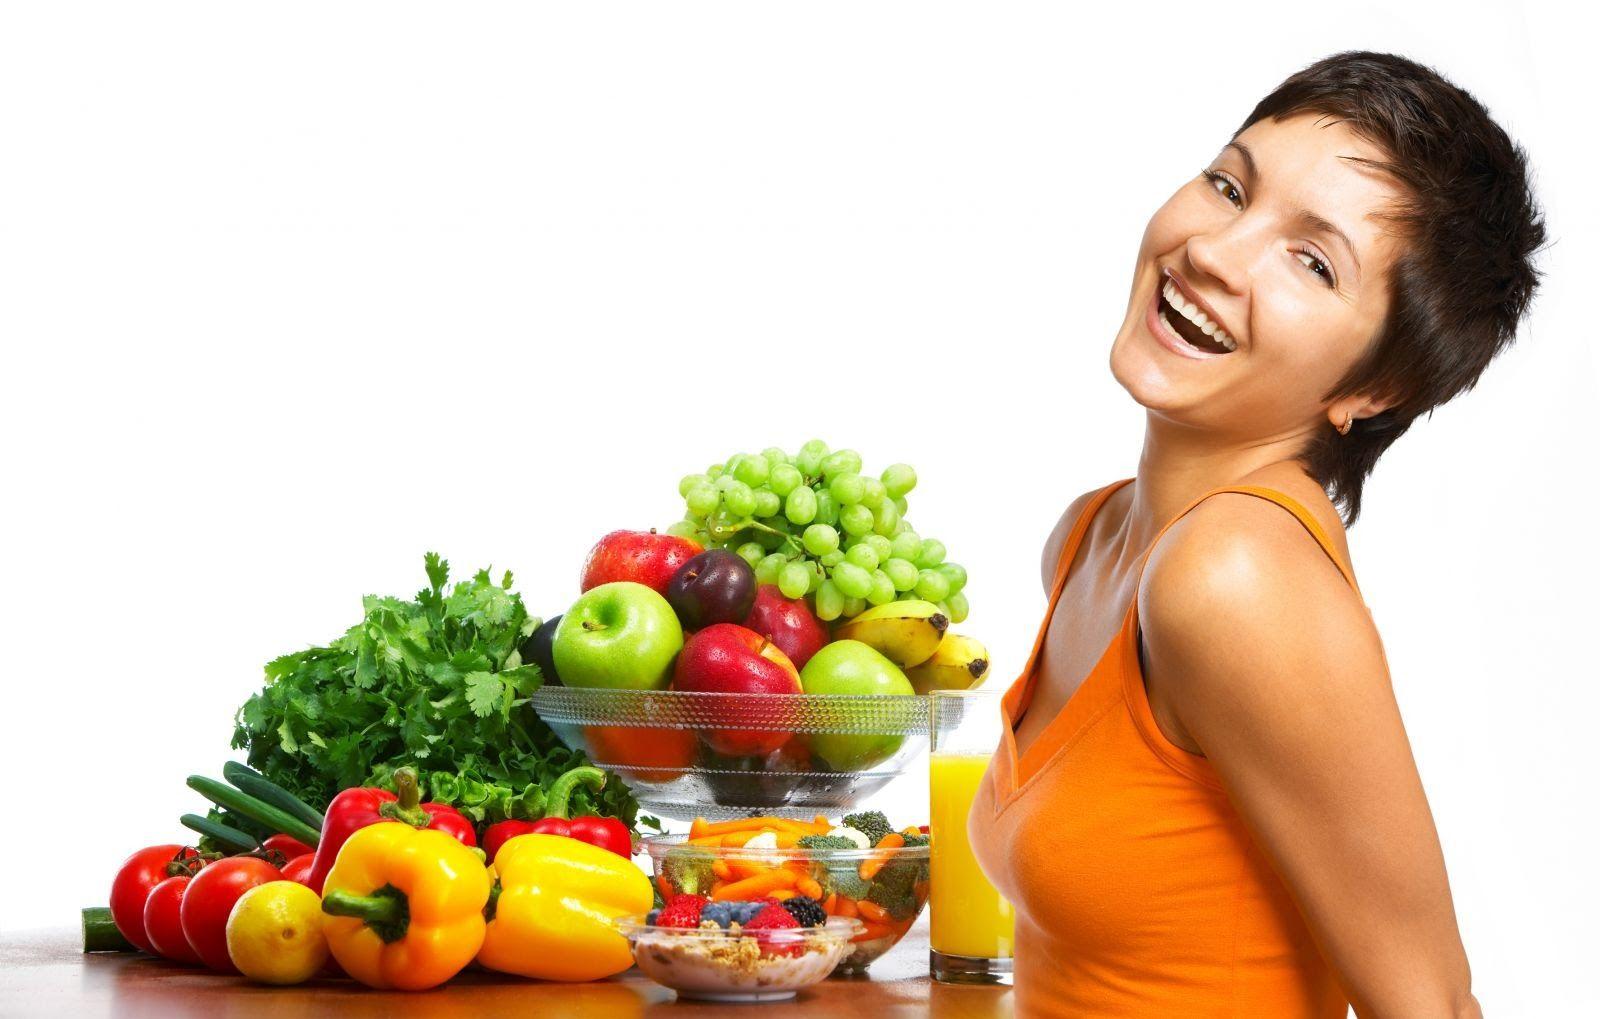 Thường xuyên bổ sung vitamin C giúp cải thiện sức đề kháng yếu cho cơ thể